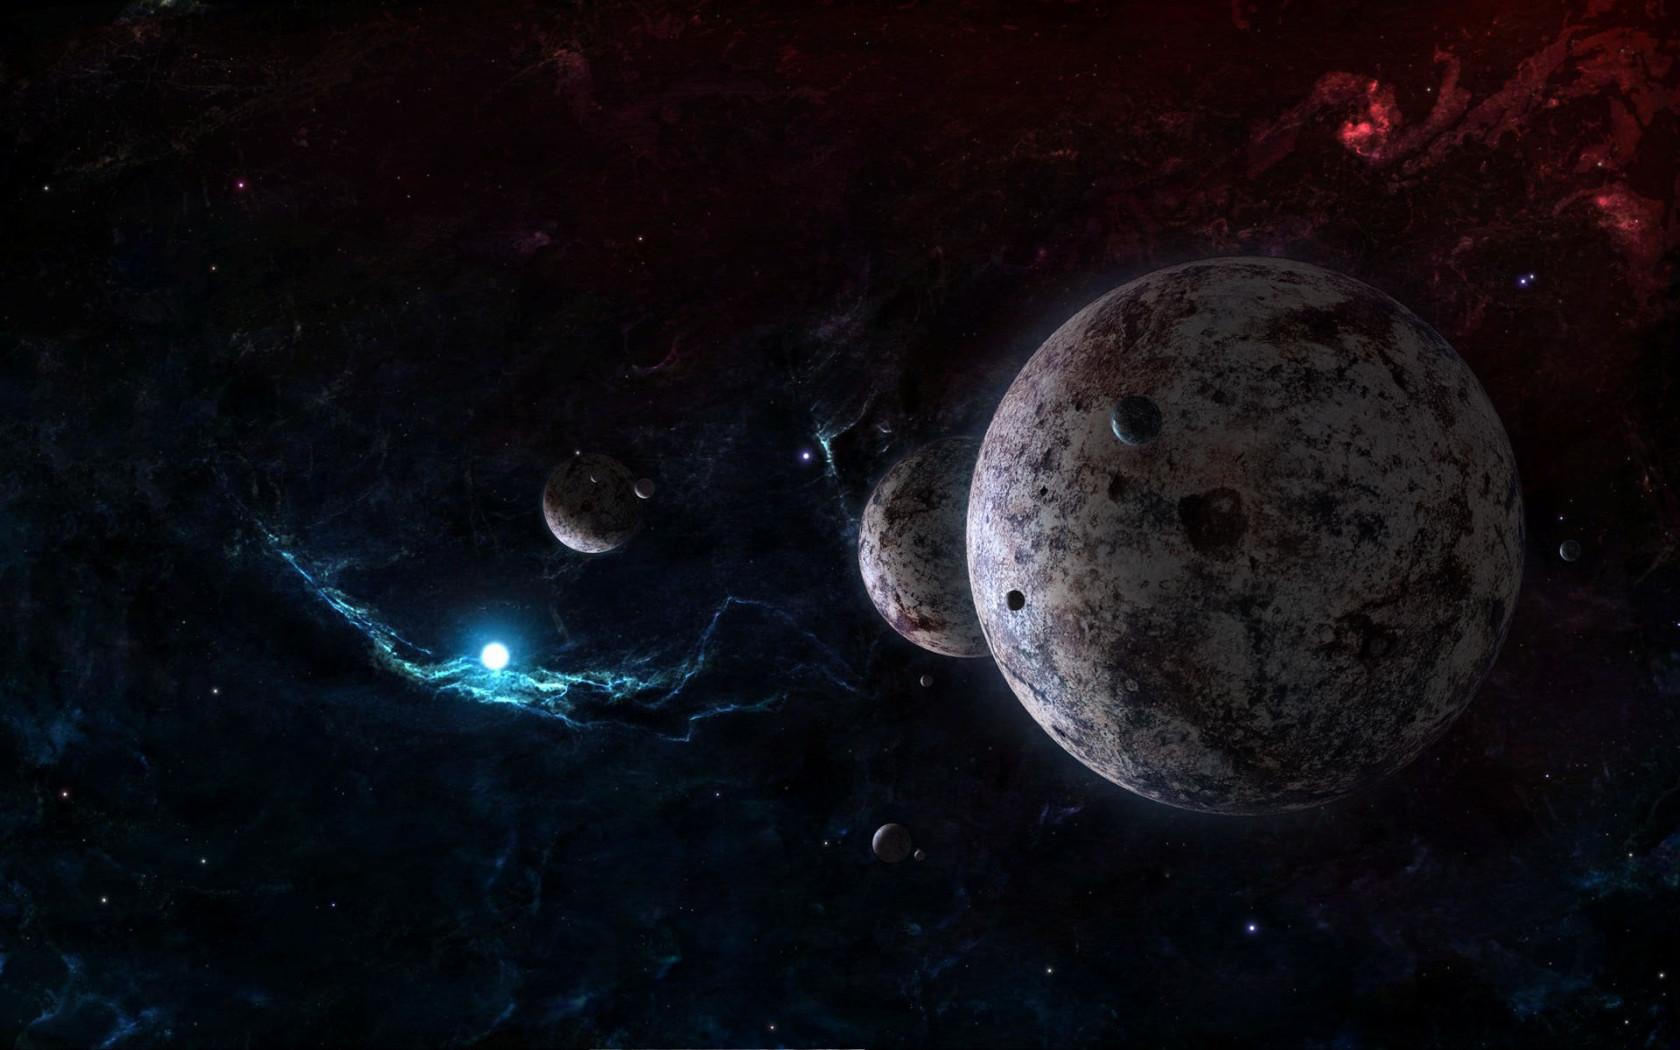 Distant Planet Desktop wallpapers 1680x1050